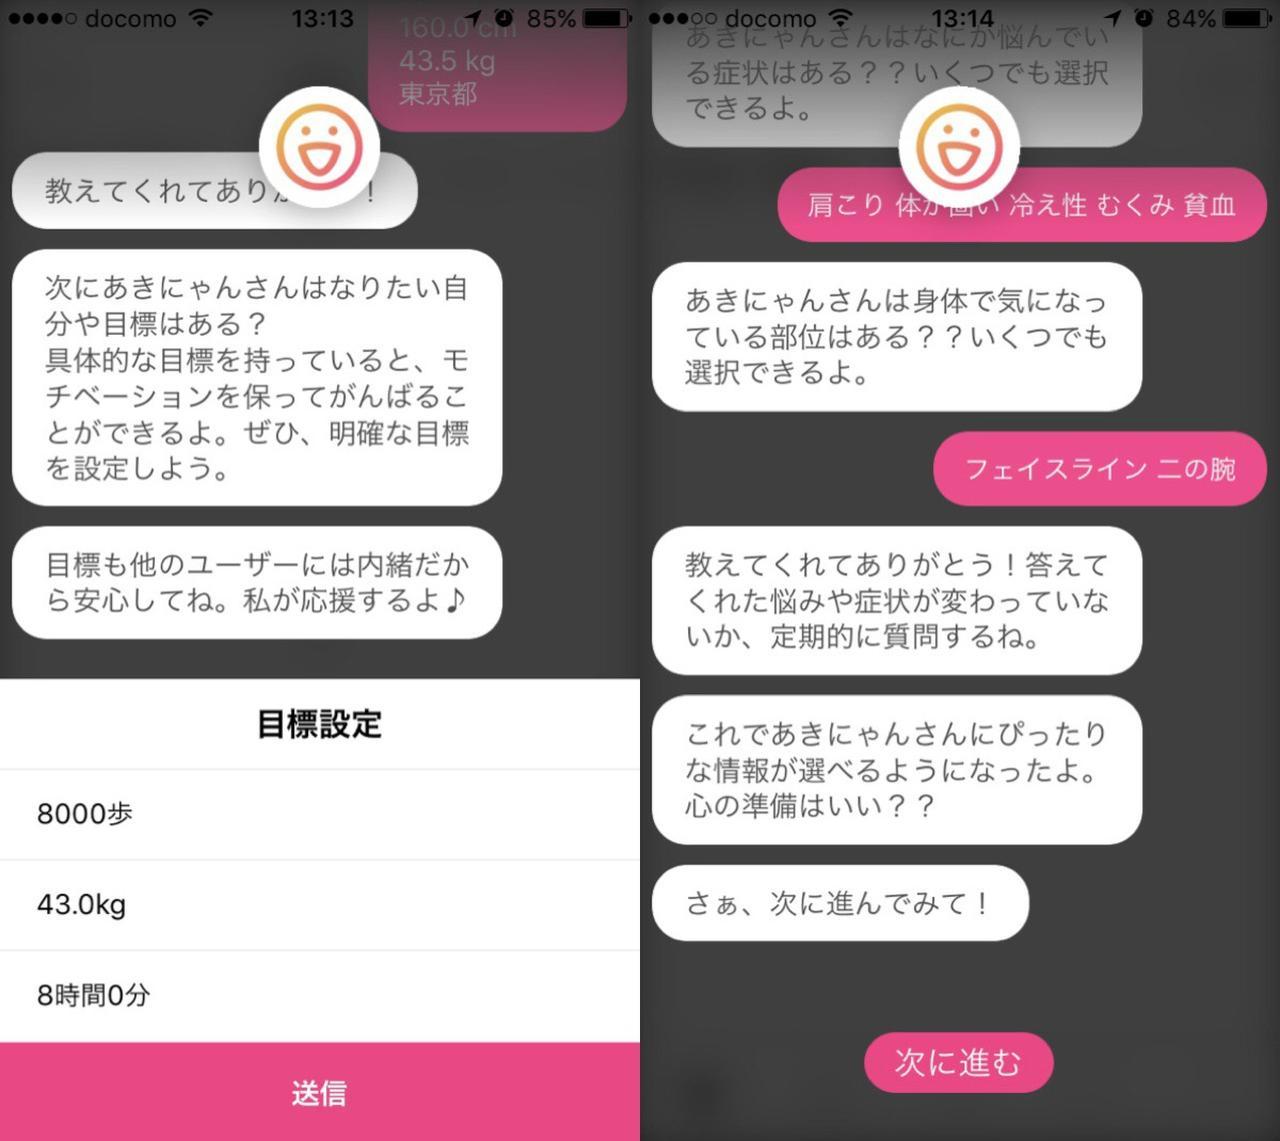 画像2: みんなで綺麗になれるアプリ、現在は完全招待制!カンタン事前登録受付で利用可能です。